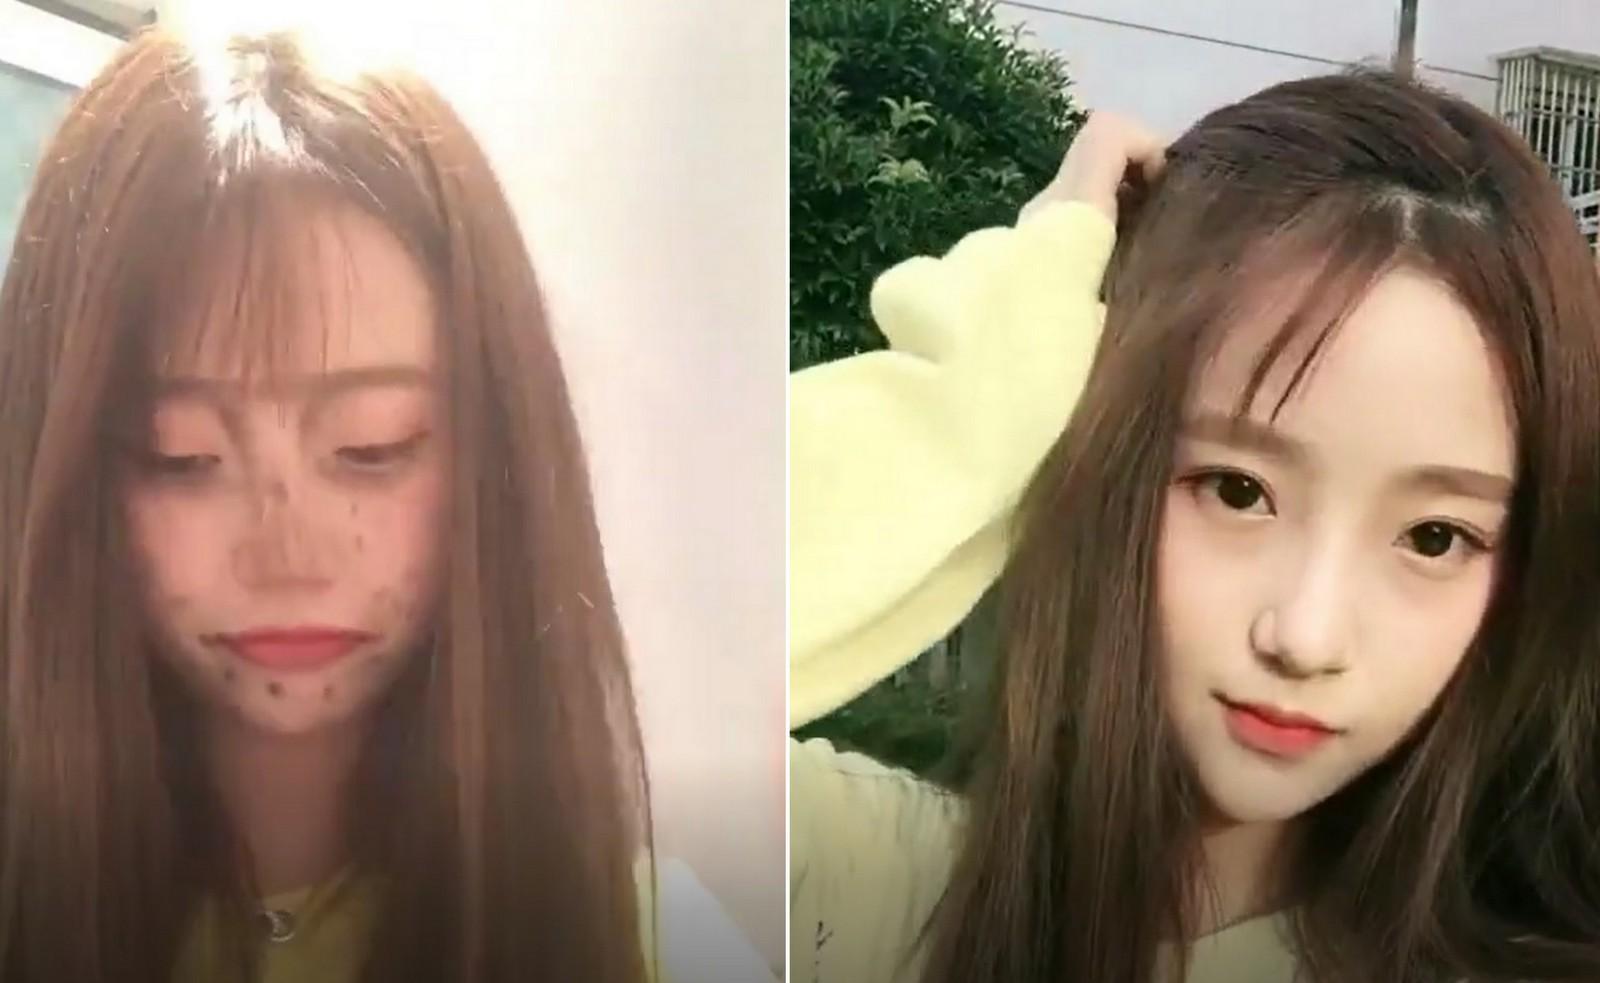 Lột xác từ xấu thành xinh trong 16s: Loạt clip của các hot girl Trung Quốc đang càn quét khắp Facebook - Ảnh 7.